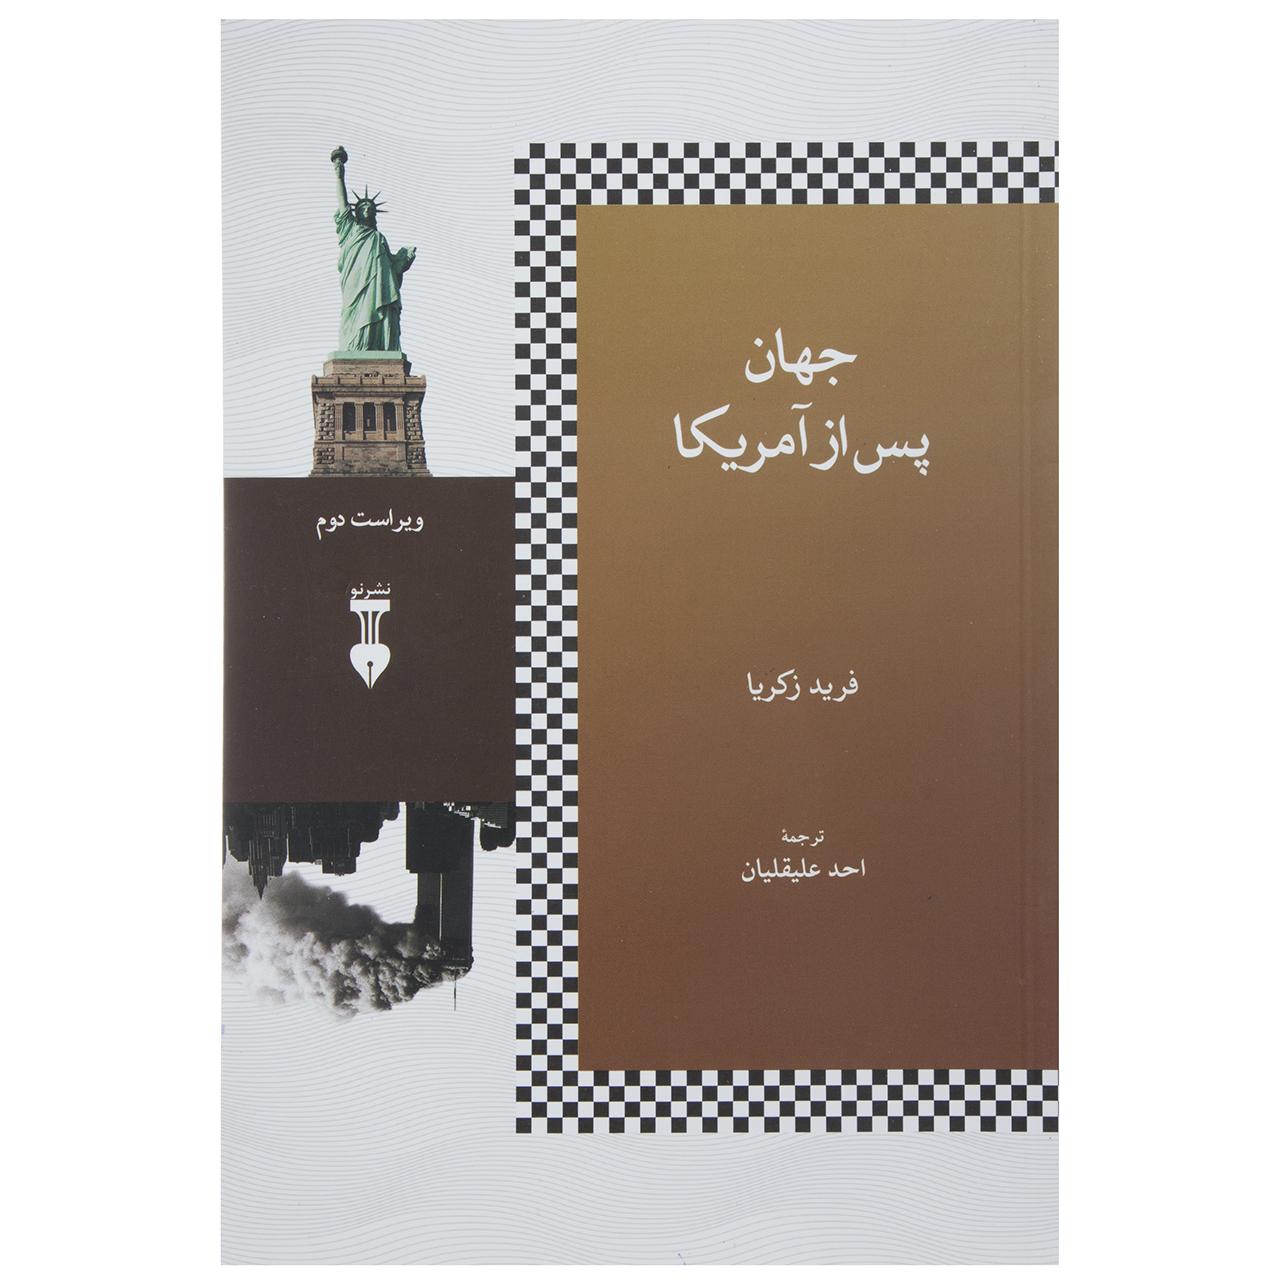 کتاب جهان پس از آمریکا اثر فرید زکریا